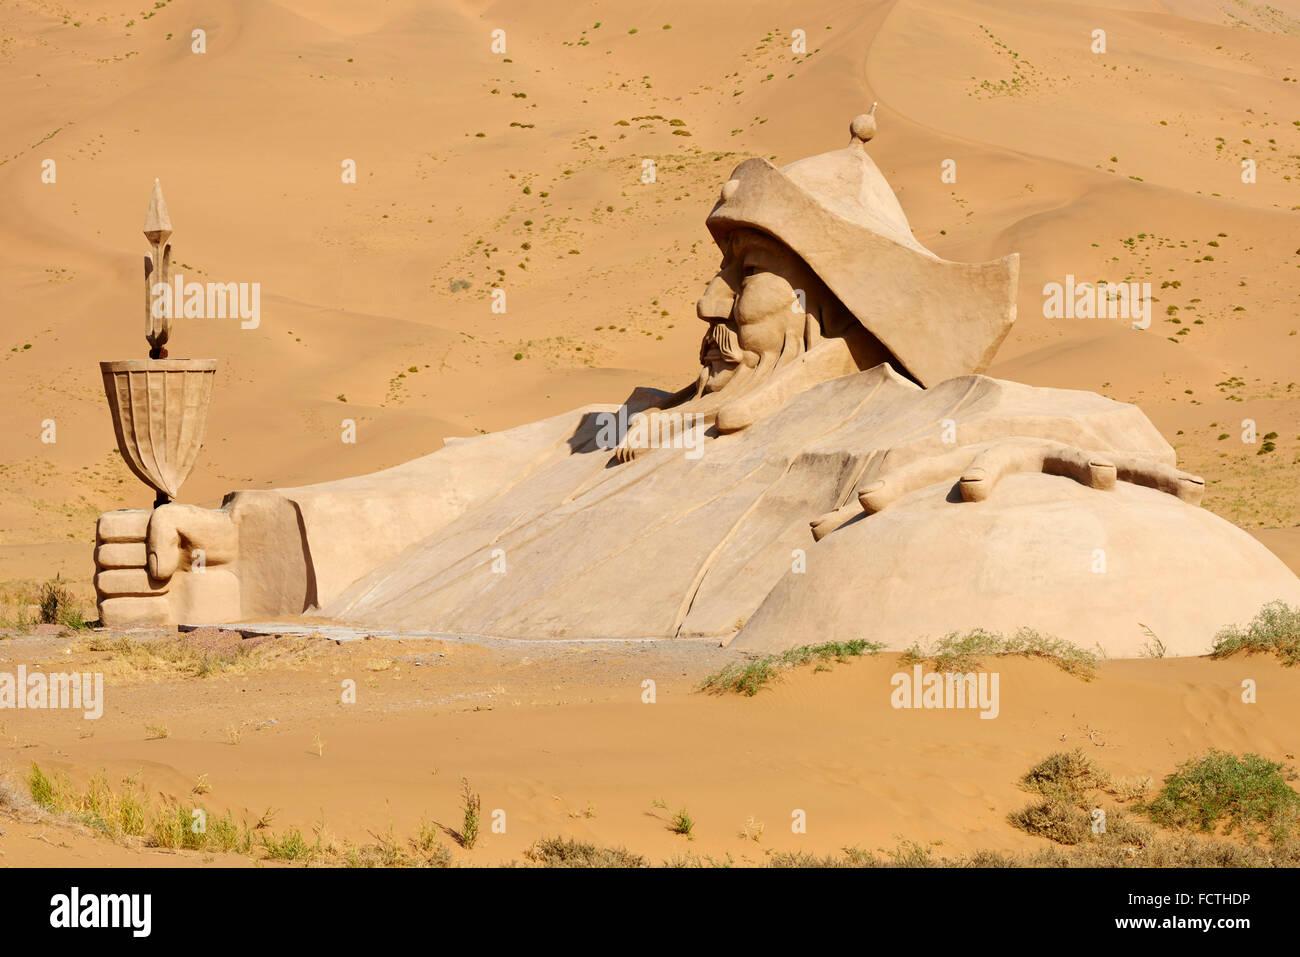 China, Inner Mongolia, Badain Jaran desert, Gobi desert, Gengis Khan statue, Mongol emperor - Stock Image